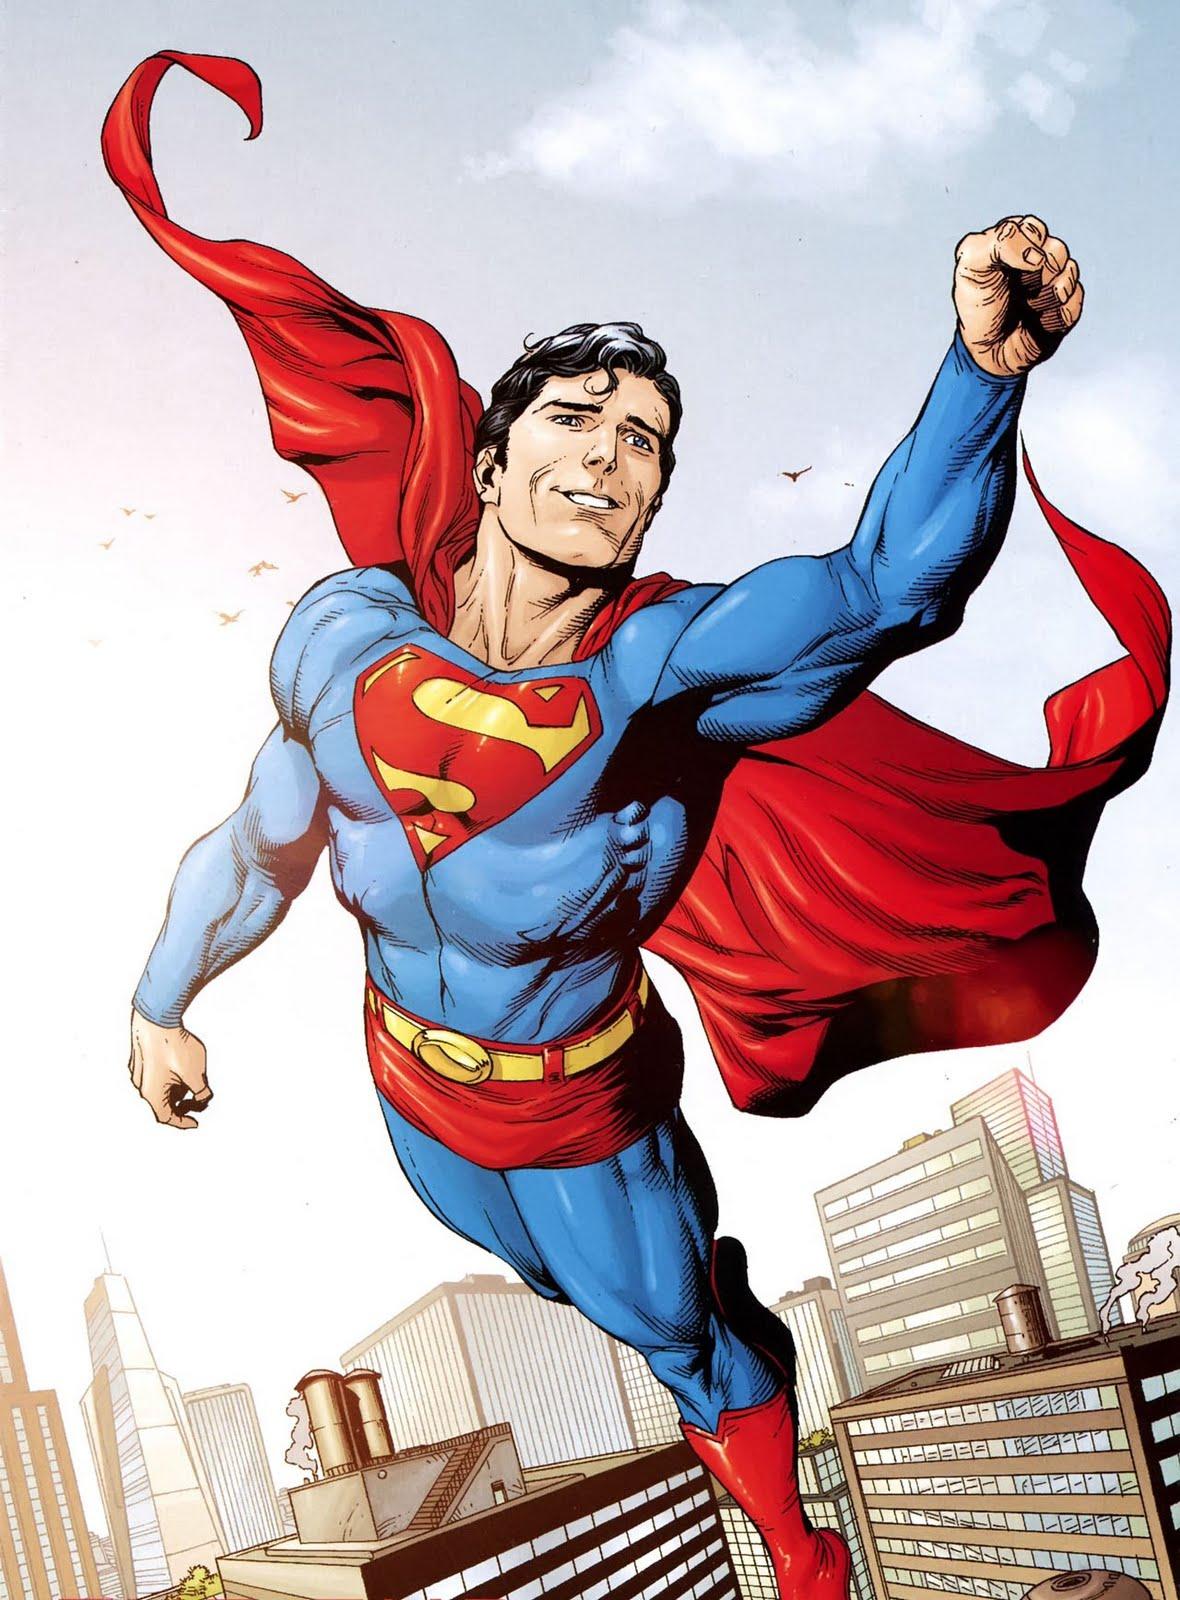 Superman_flight.jpg